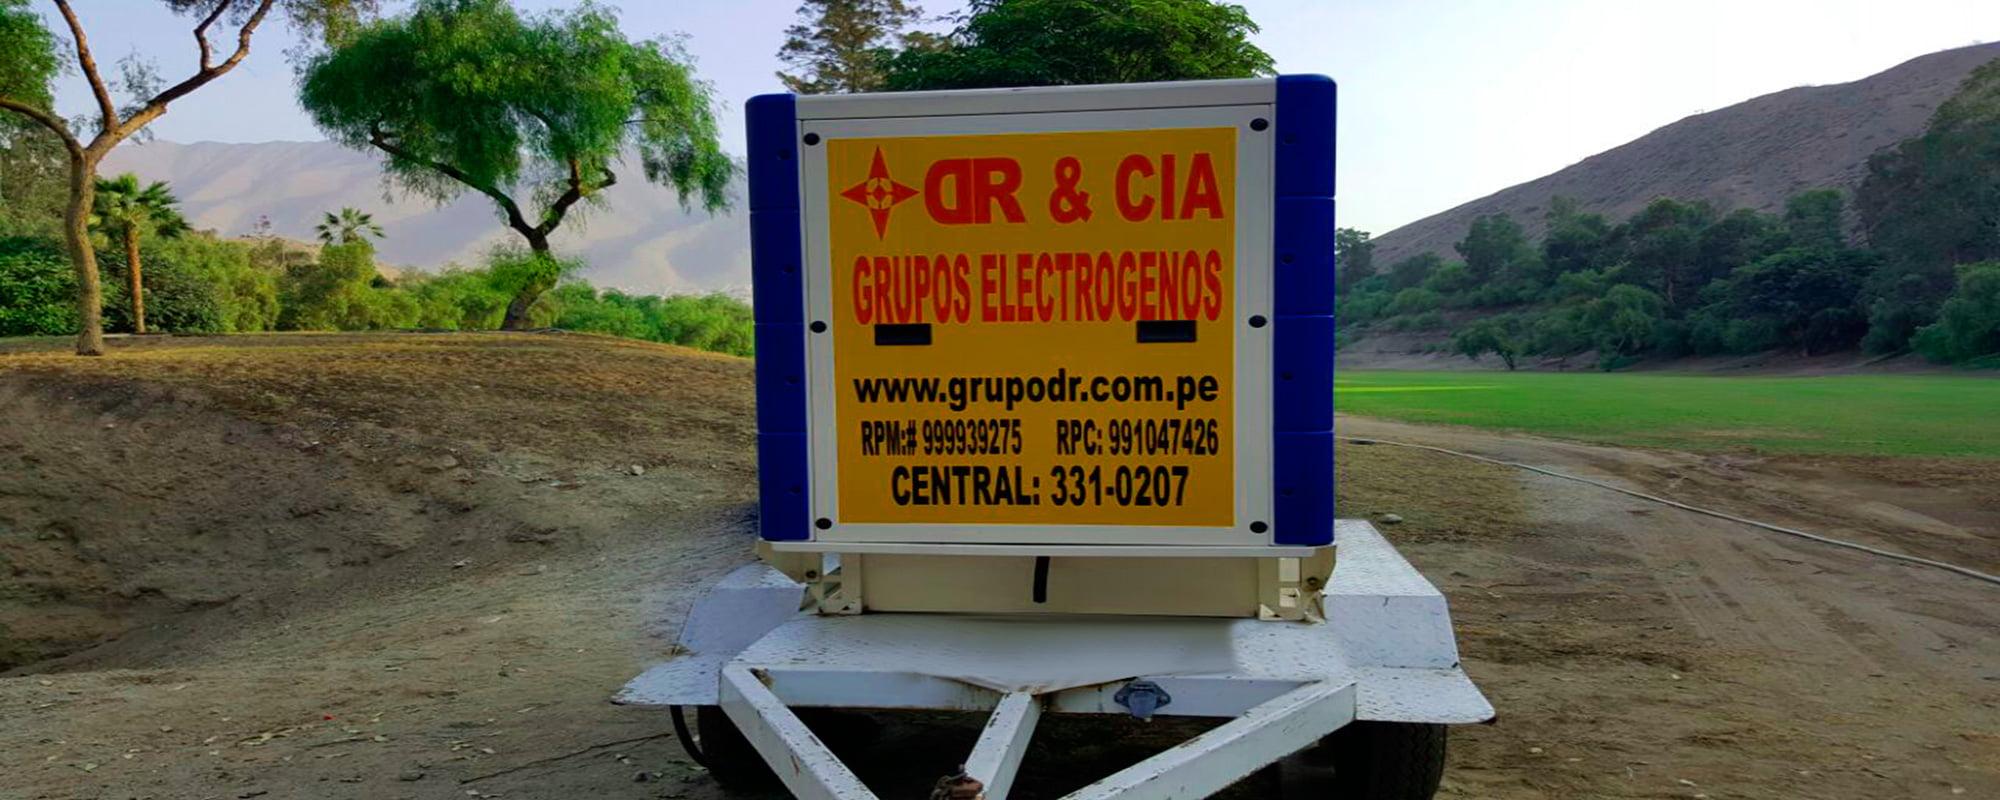 Atención de Personal Calificado con Grupos Electrógenos